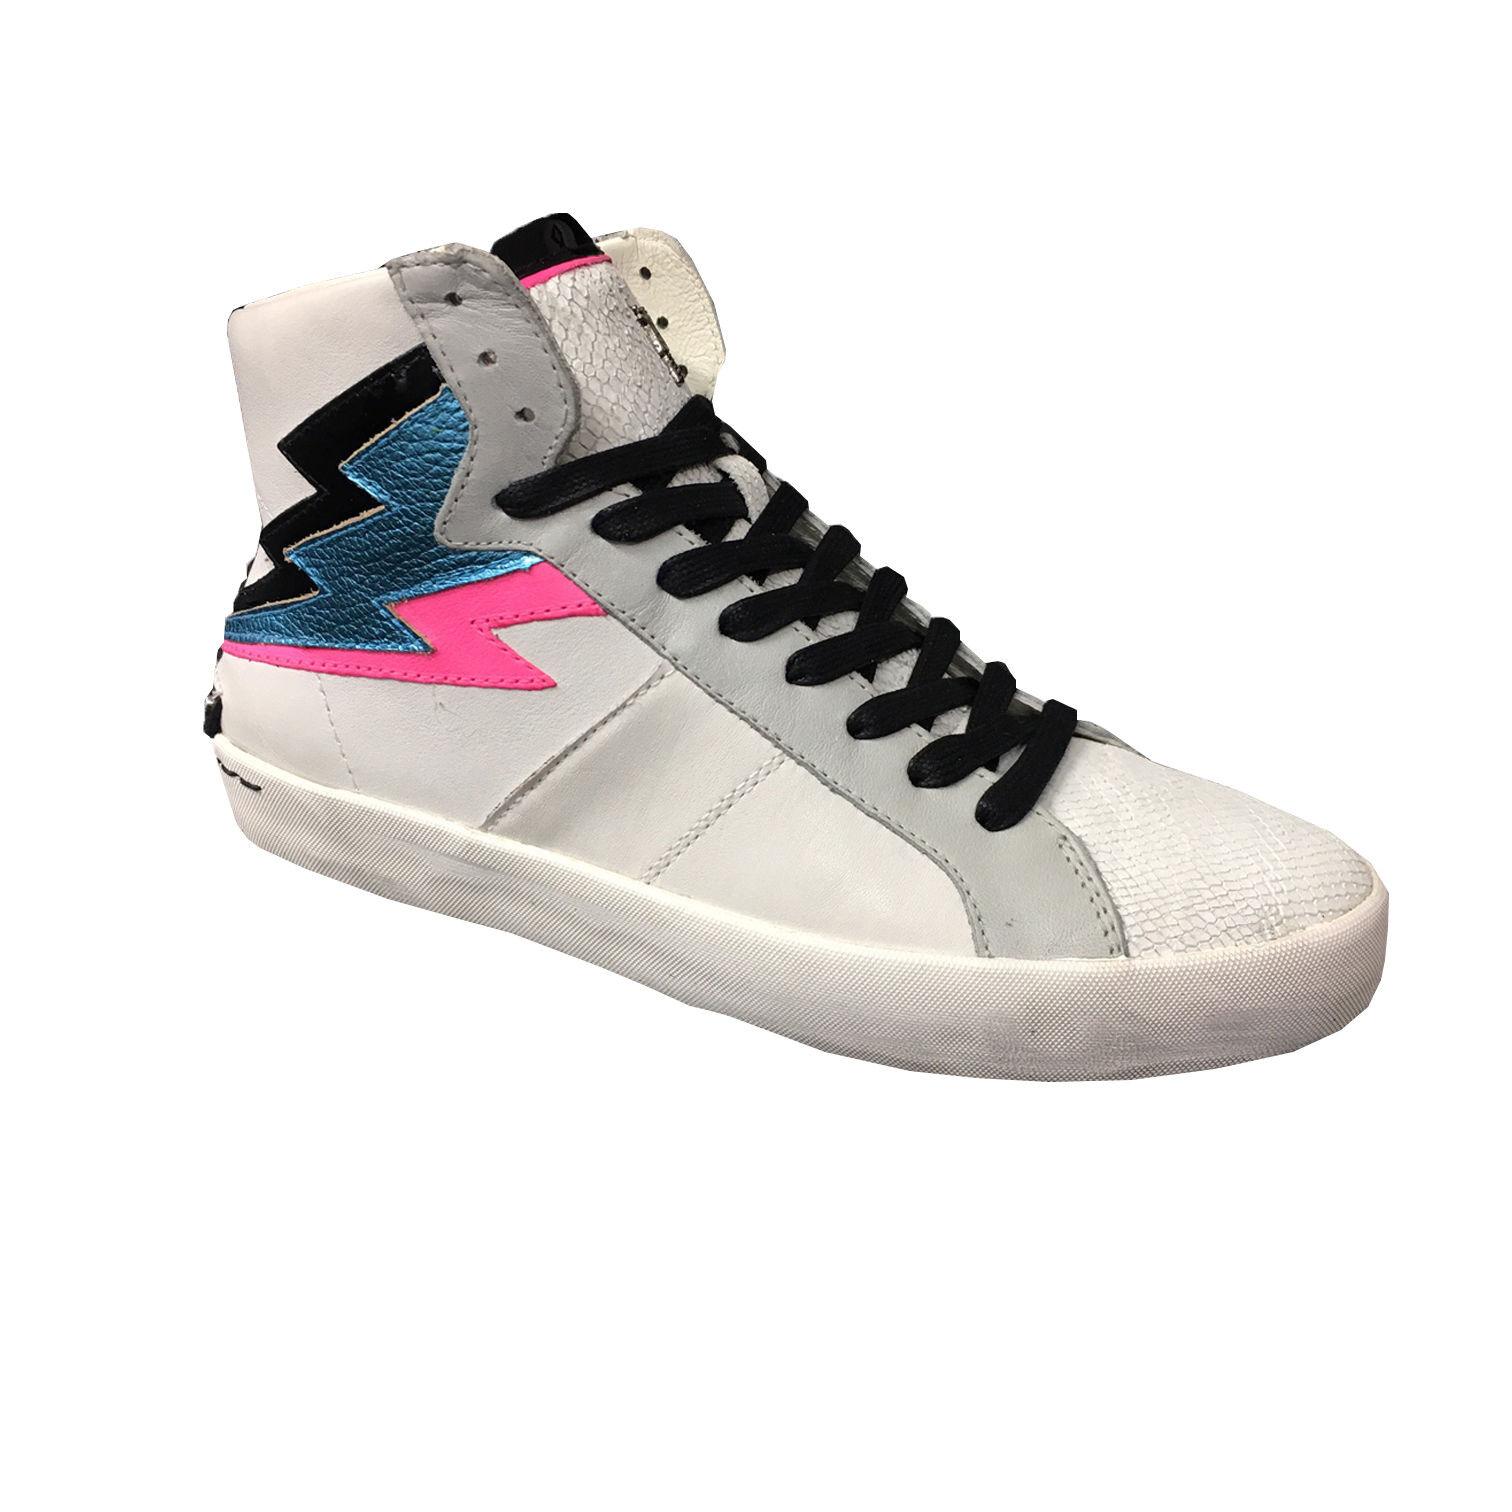 CRIME LONDON fuxia scarpa donna bianco dettagli fuxia LONDON / azzurro / nero multimateriale d96e53